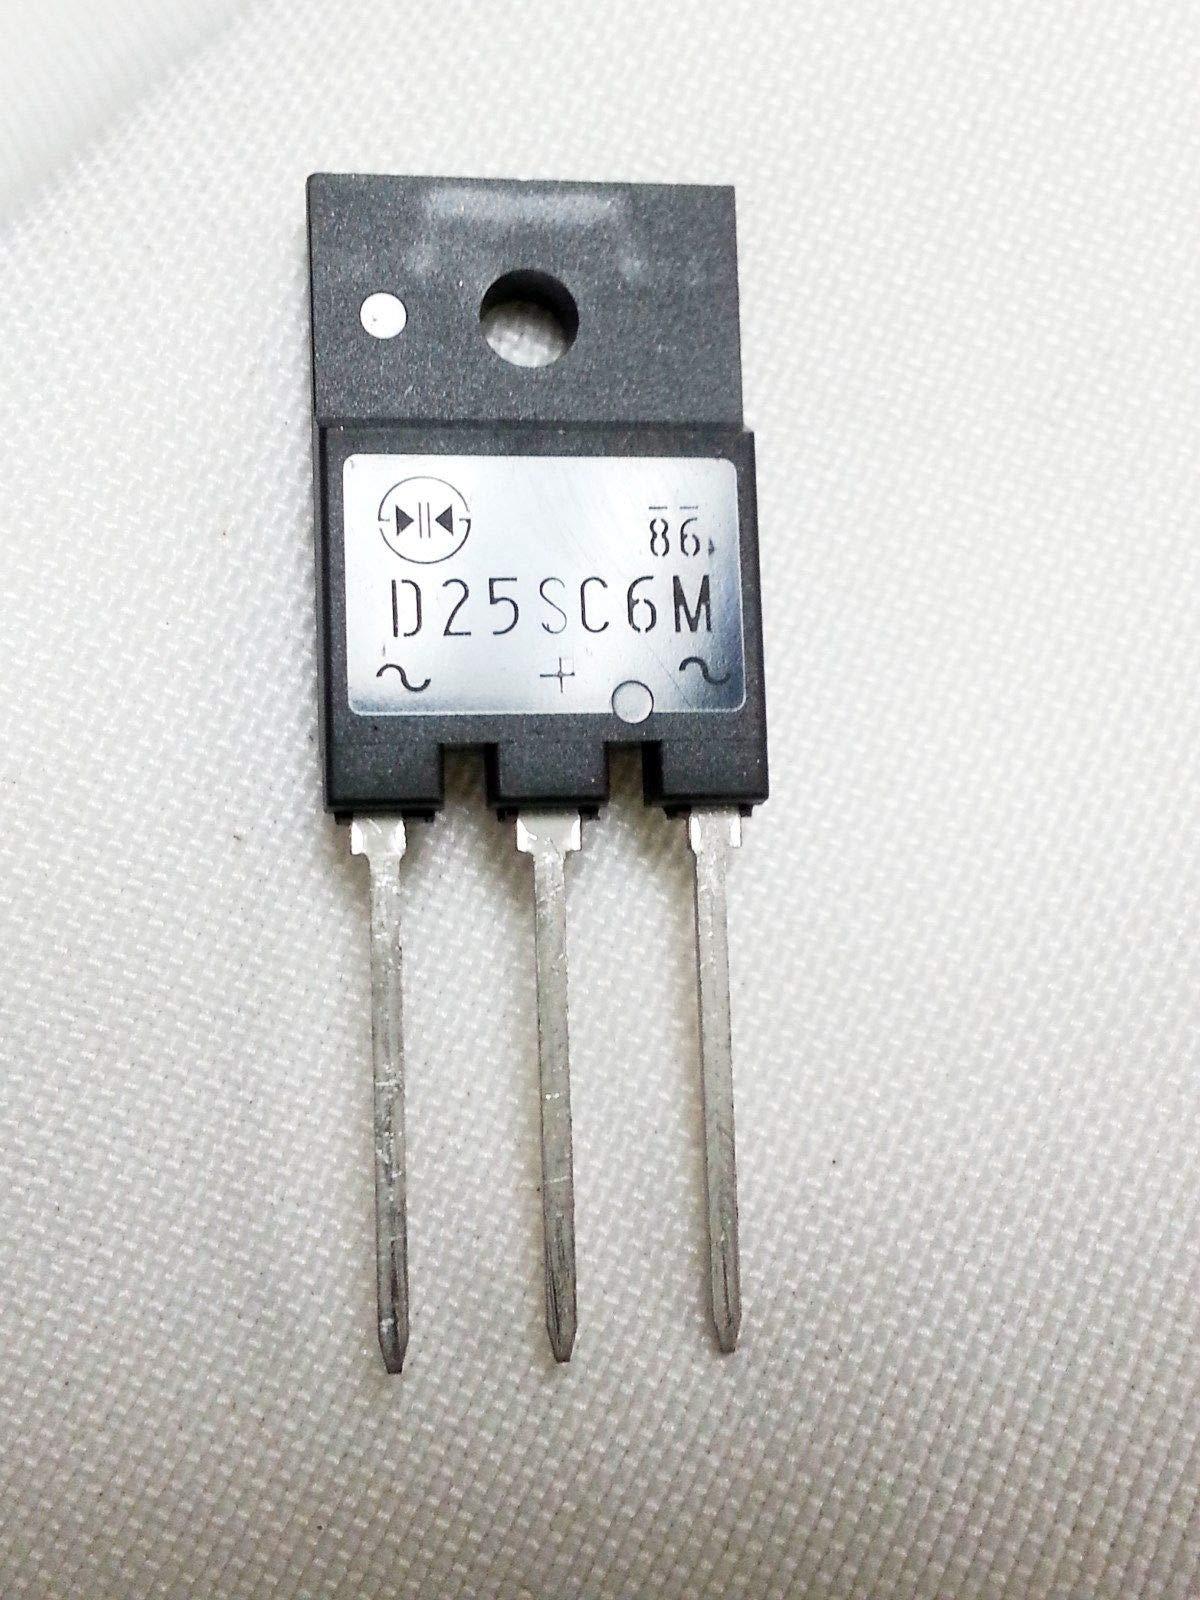 1PC D25SC6M + 1g of Heat Sink Compound